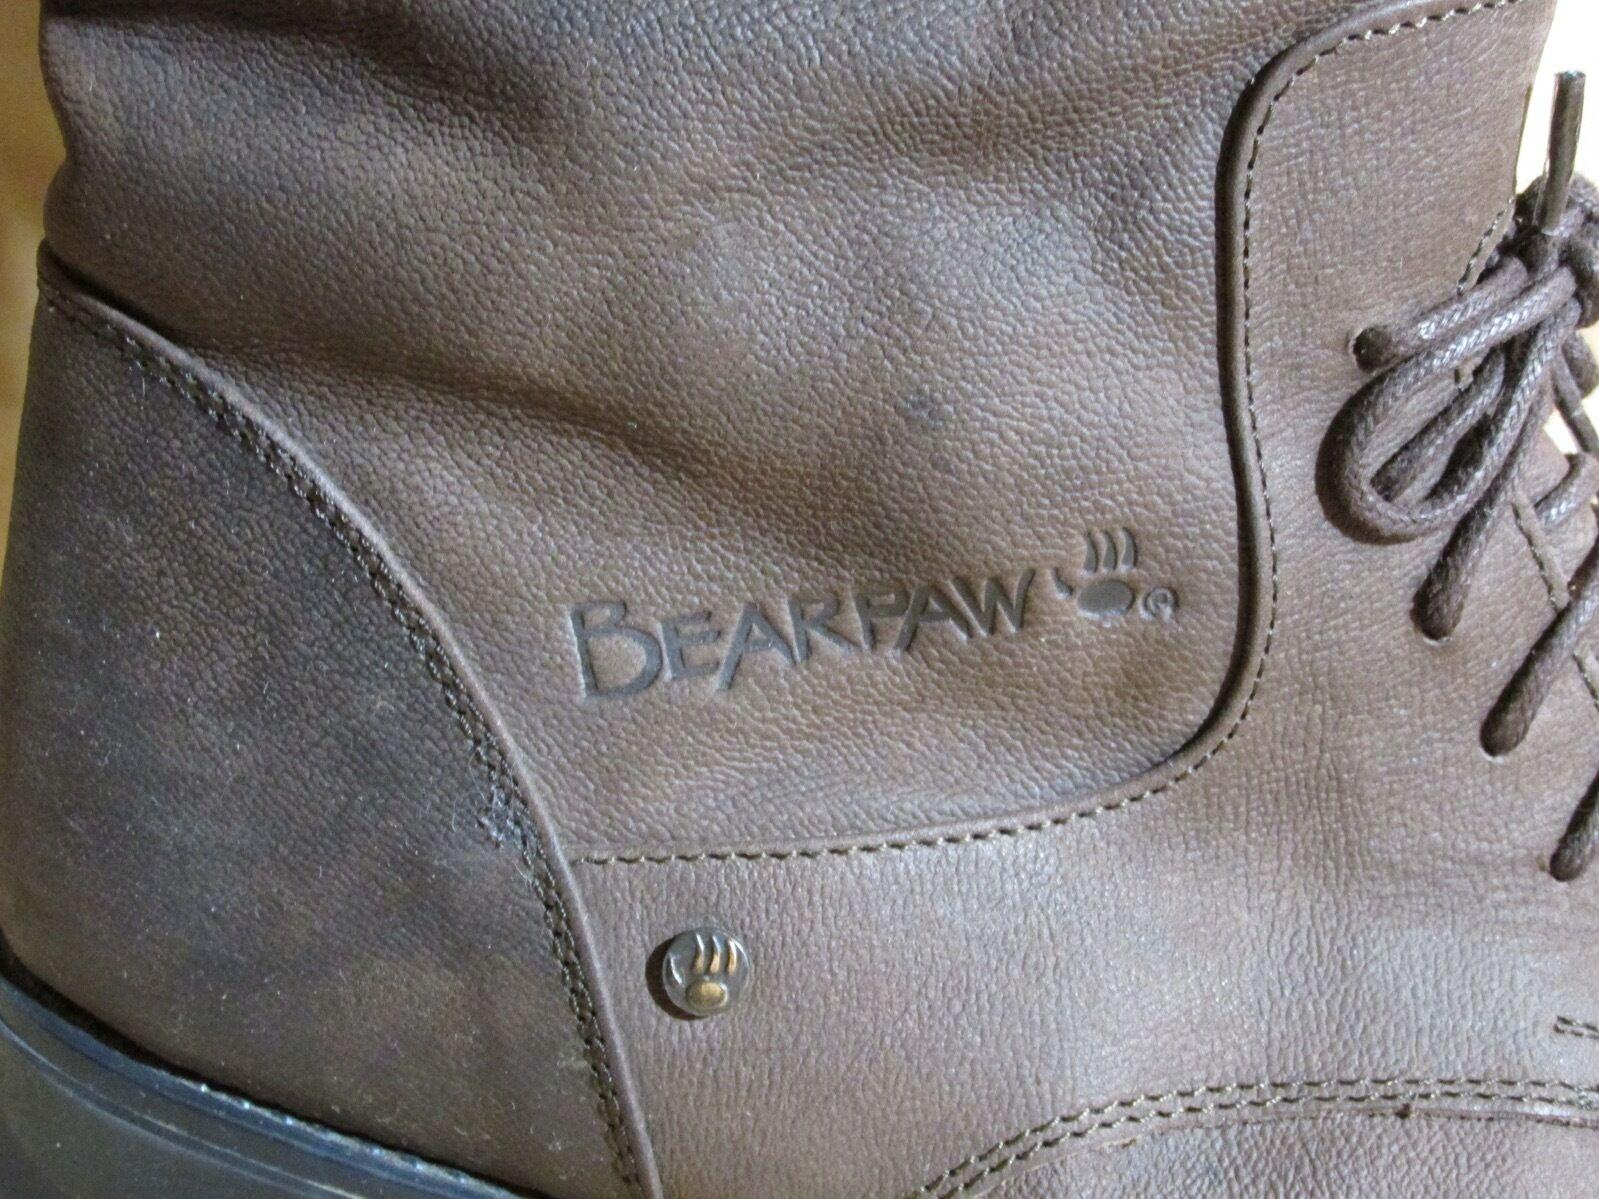 Damen Bearpaw Reitstiefel aus Schafspelz Leder Baumwolle Innenfutter - Schafspelz aus Fußbett 52d88f